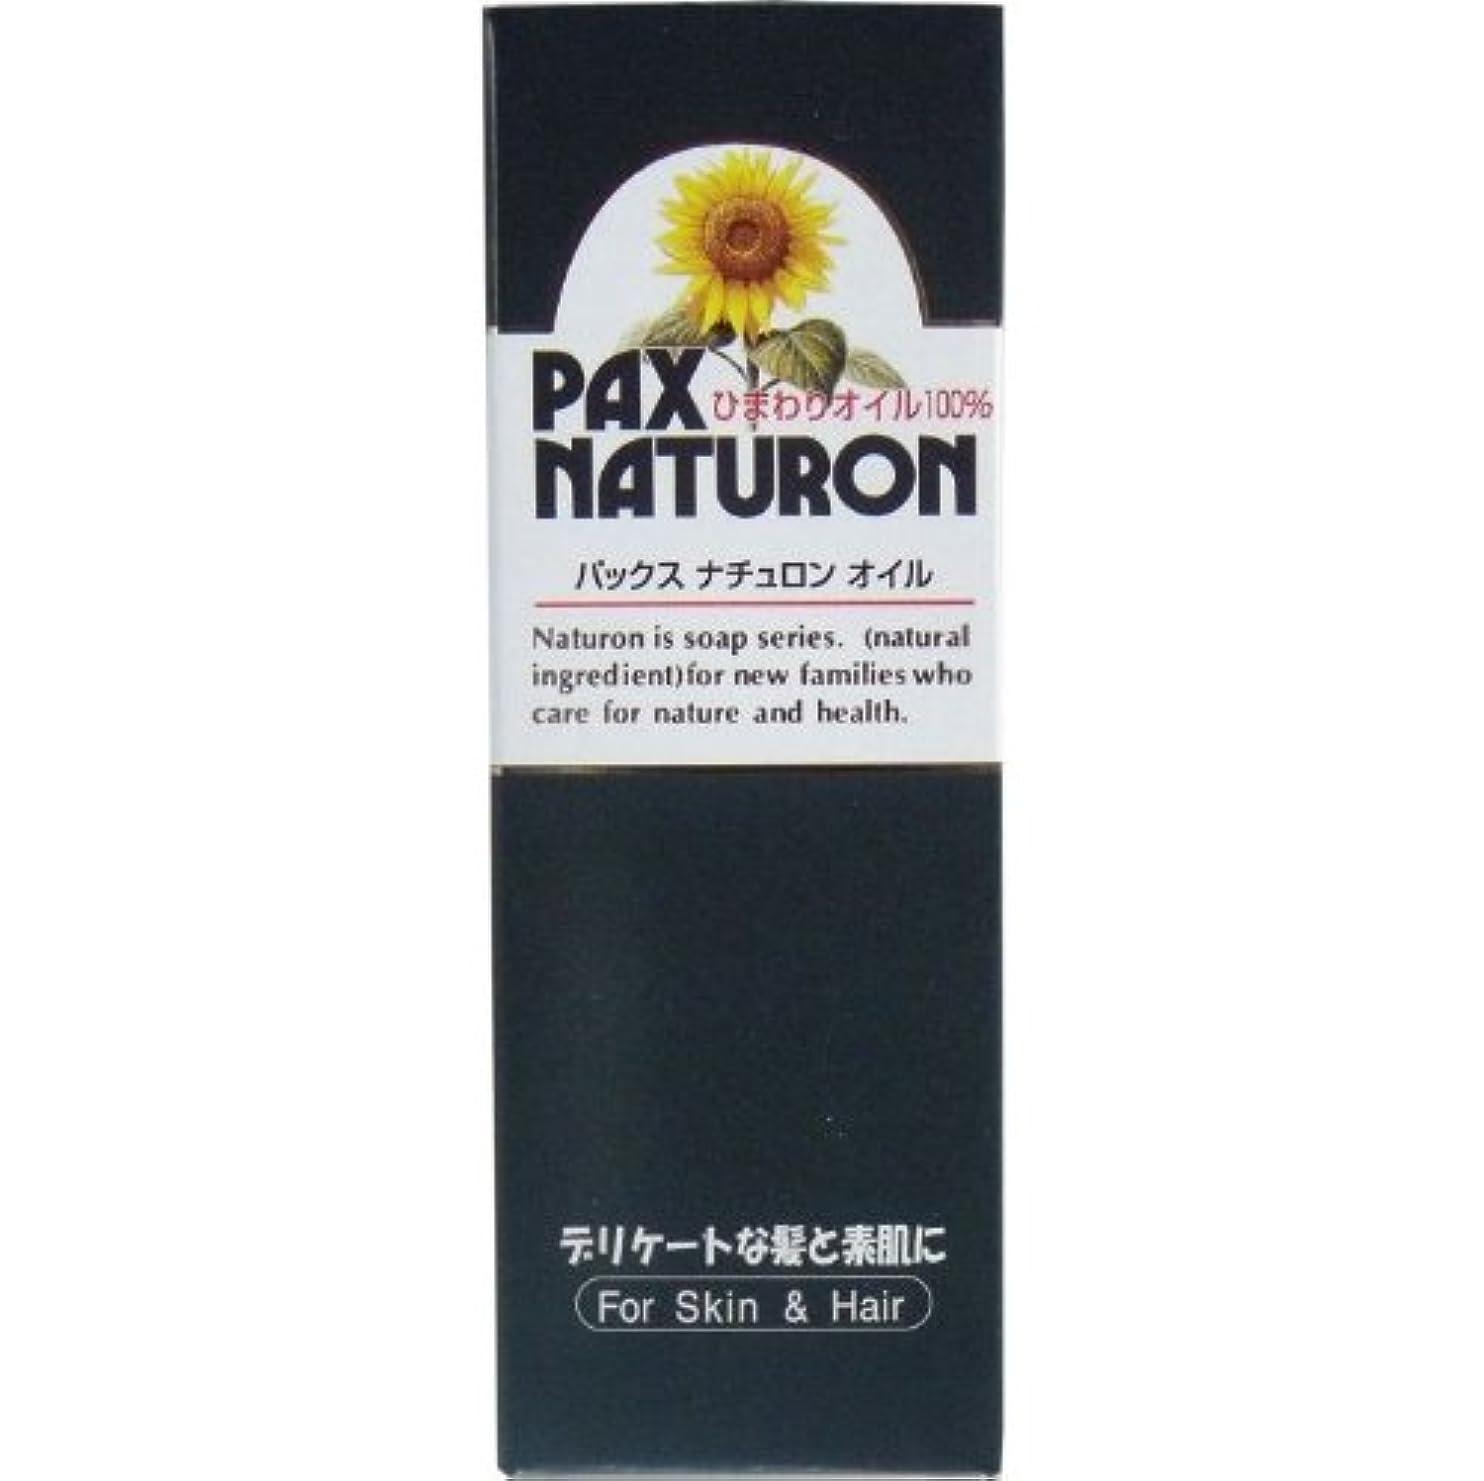 特異なソブリケット可塑性デリケートな髪と素肌に!ひまわりの種子から採った ハイオレイックひまわり油 60mL